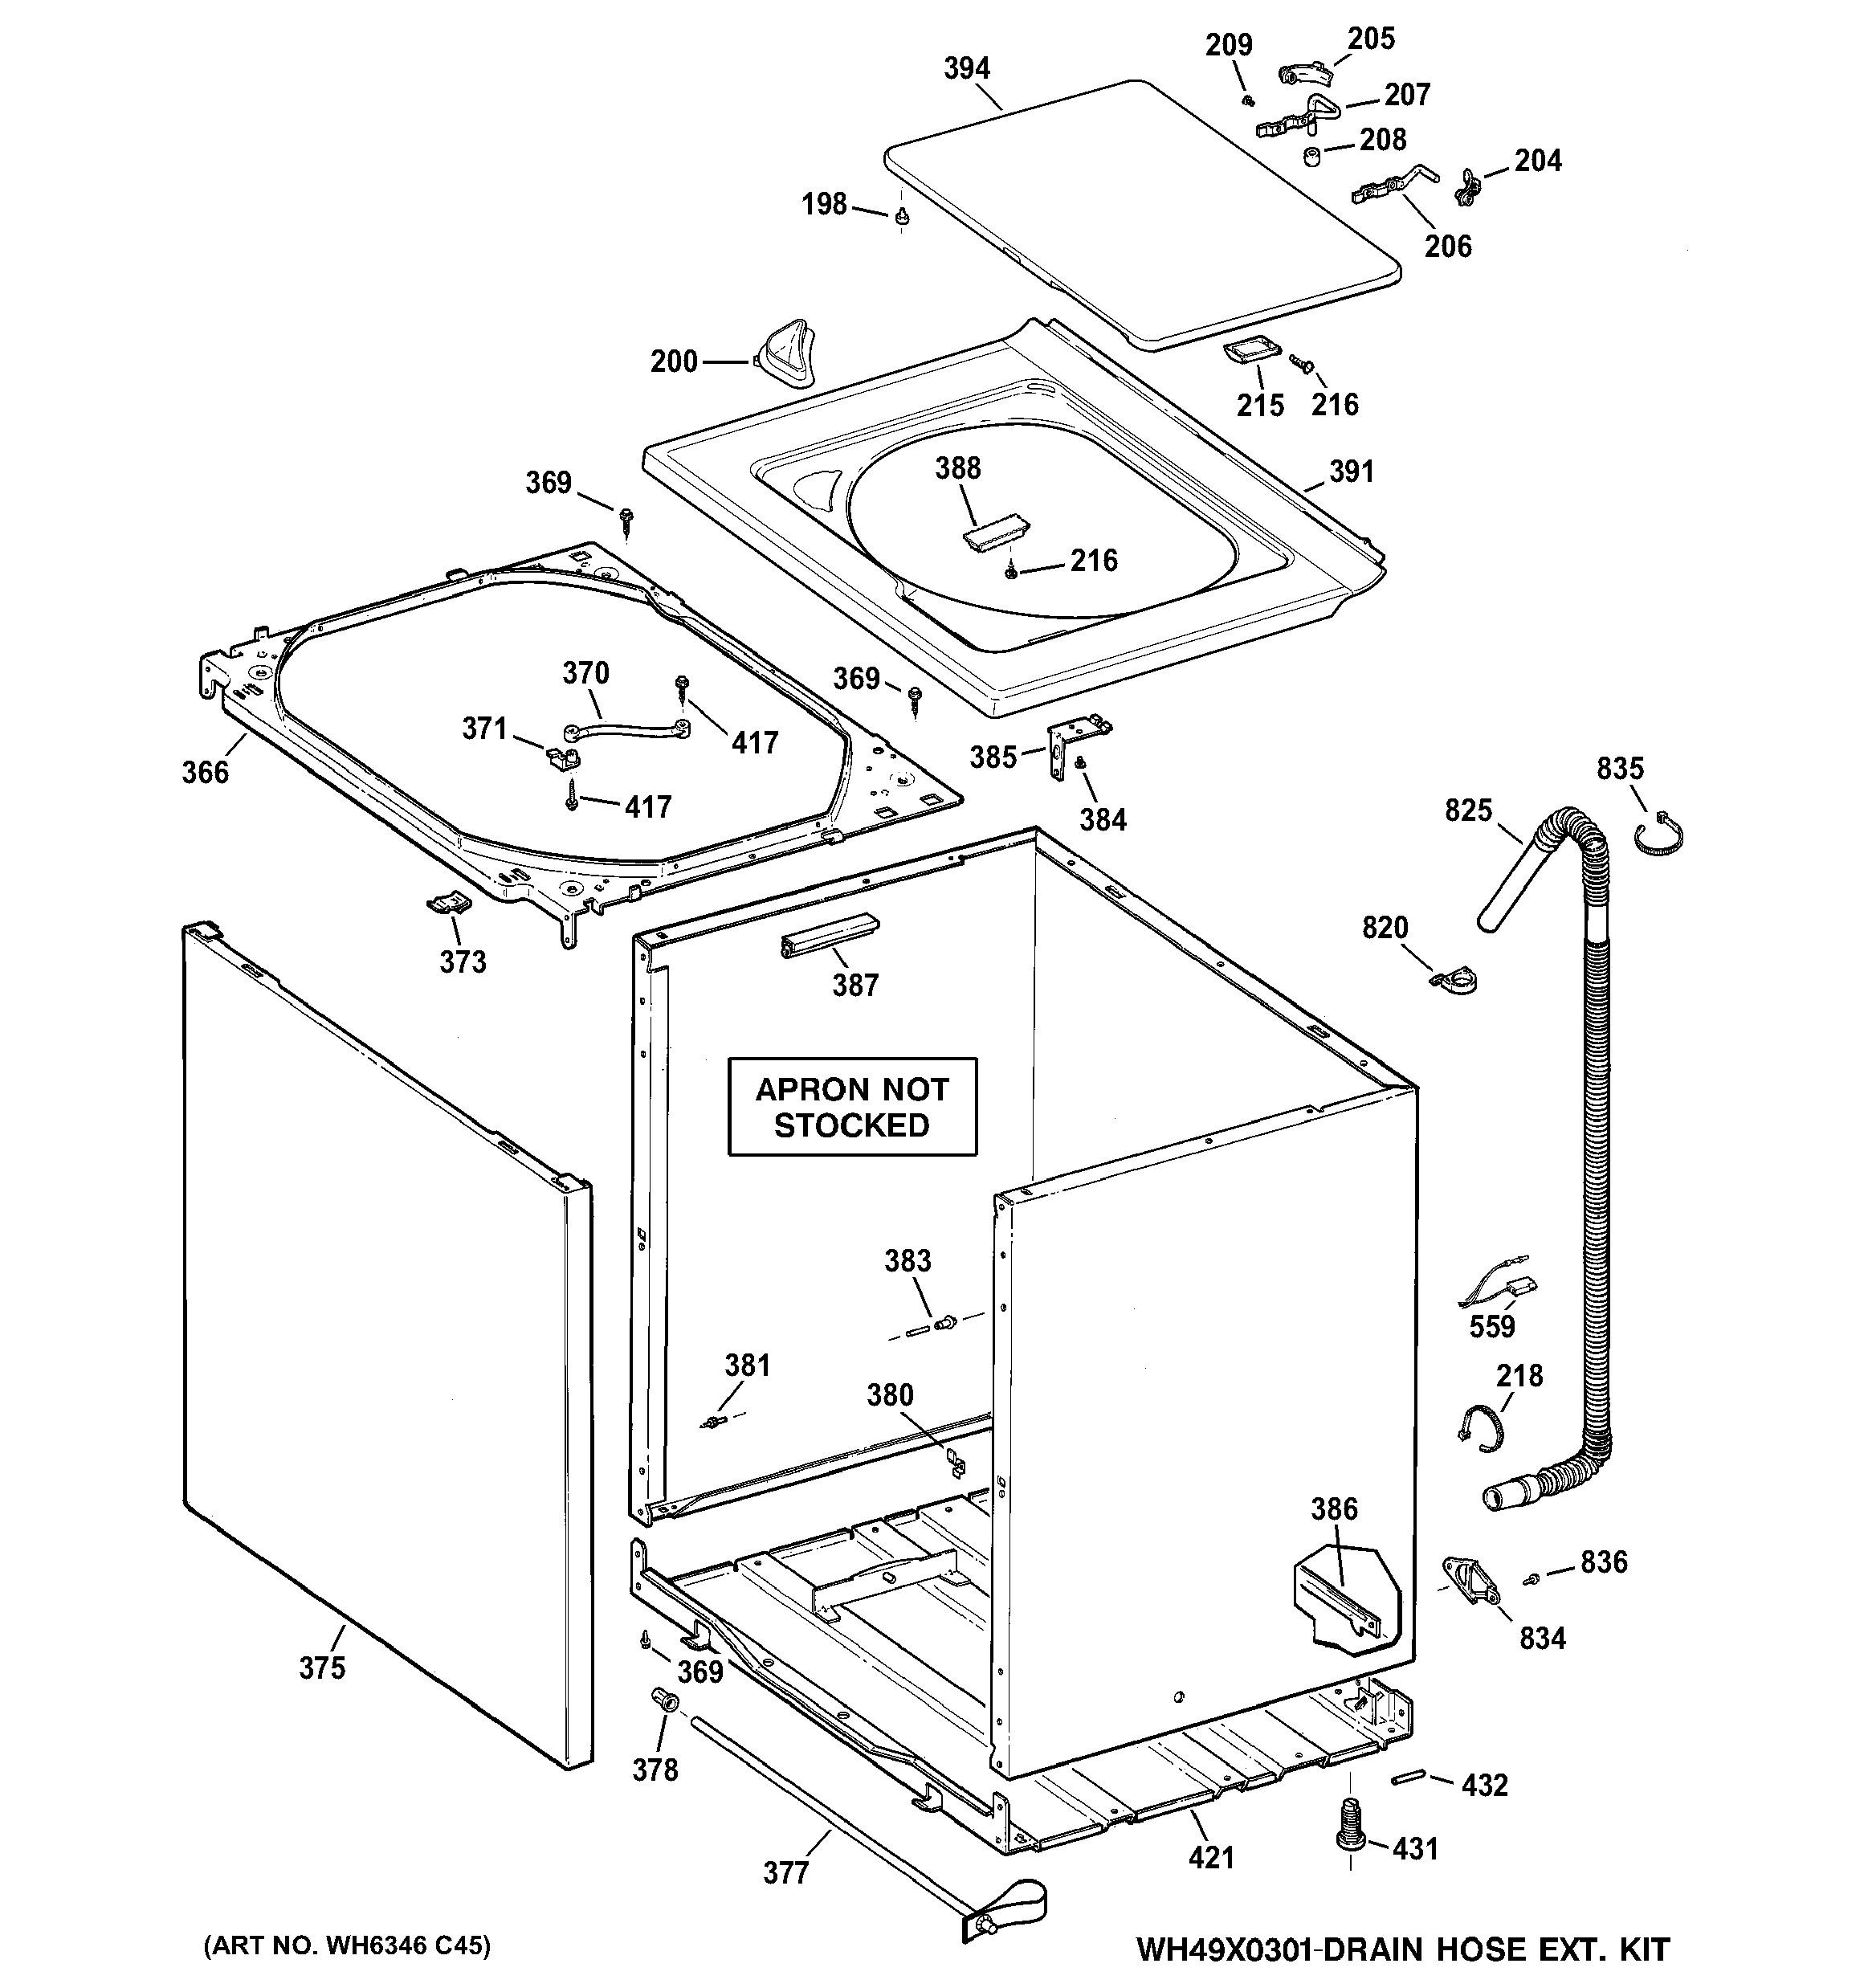 ge washing machine parts diagram